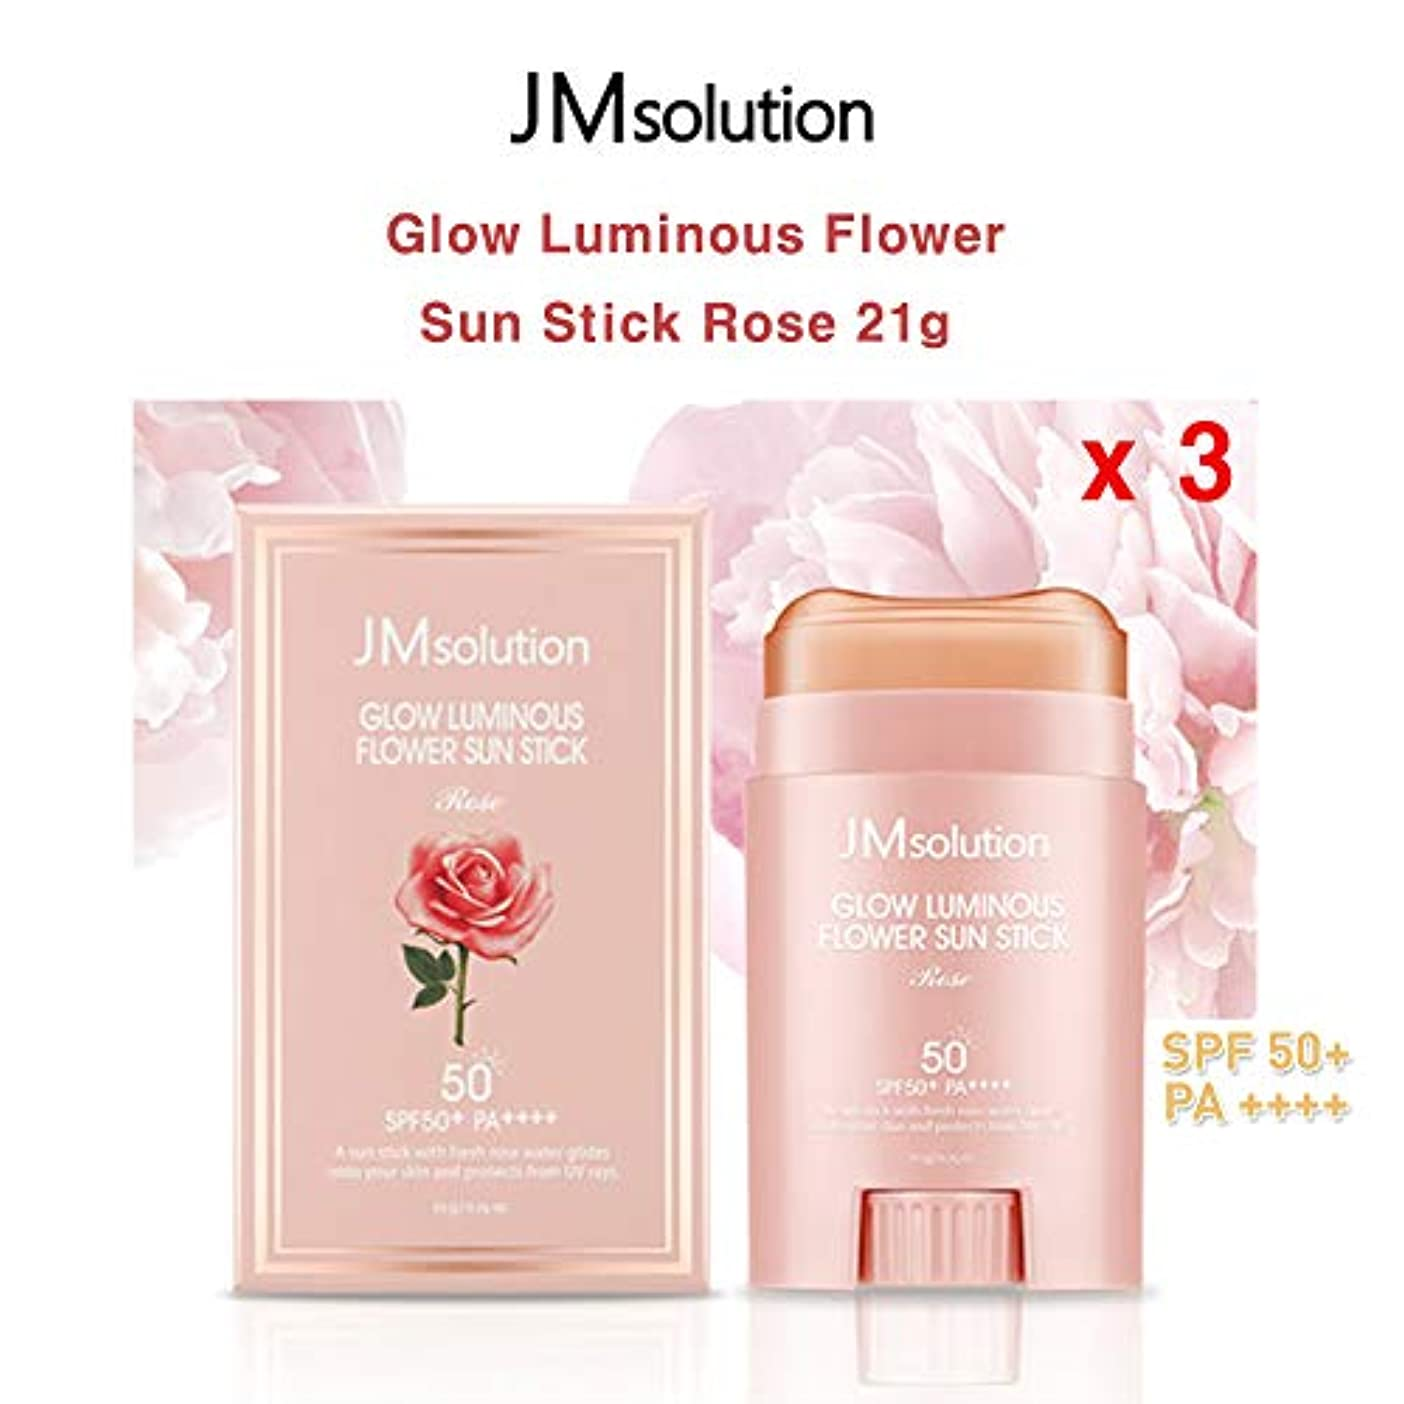 指ランドリー決定的JM Solution ★1+1+1★ Glow Luminous Flower Sun Stick Rose 21g (spf50 PA) 光る輝く花Sun Stick Rose